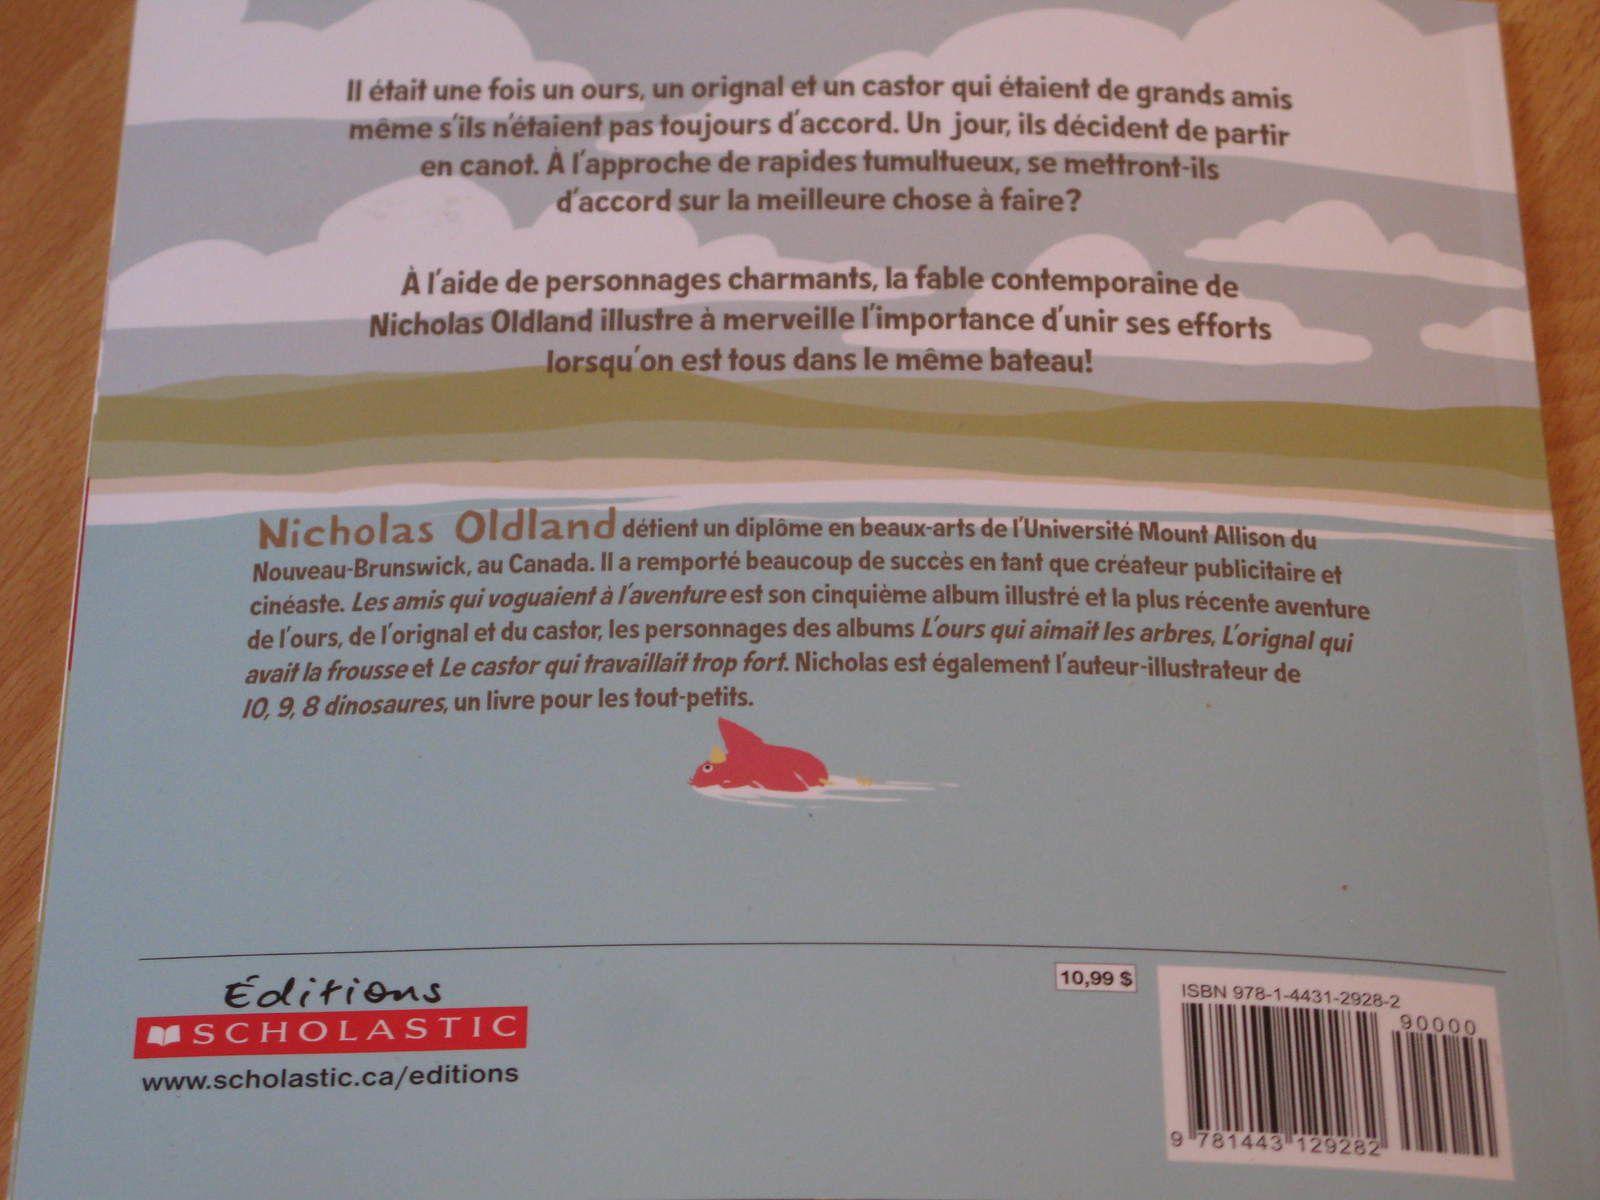 les amis qui voguaient à l'aventure de nicholas Oldland sur charlotteblabla blog